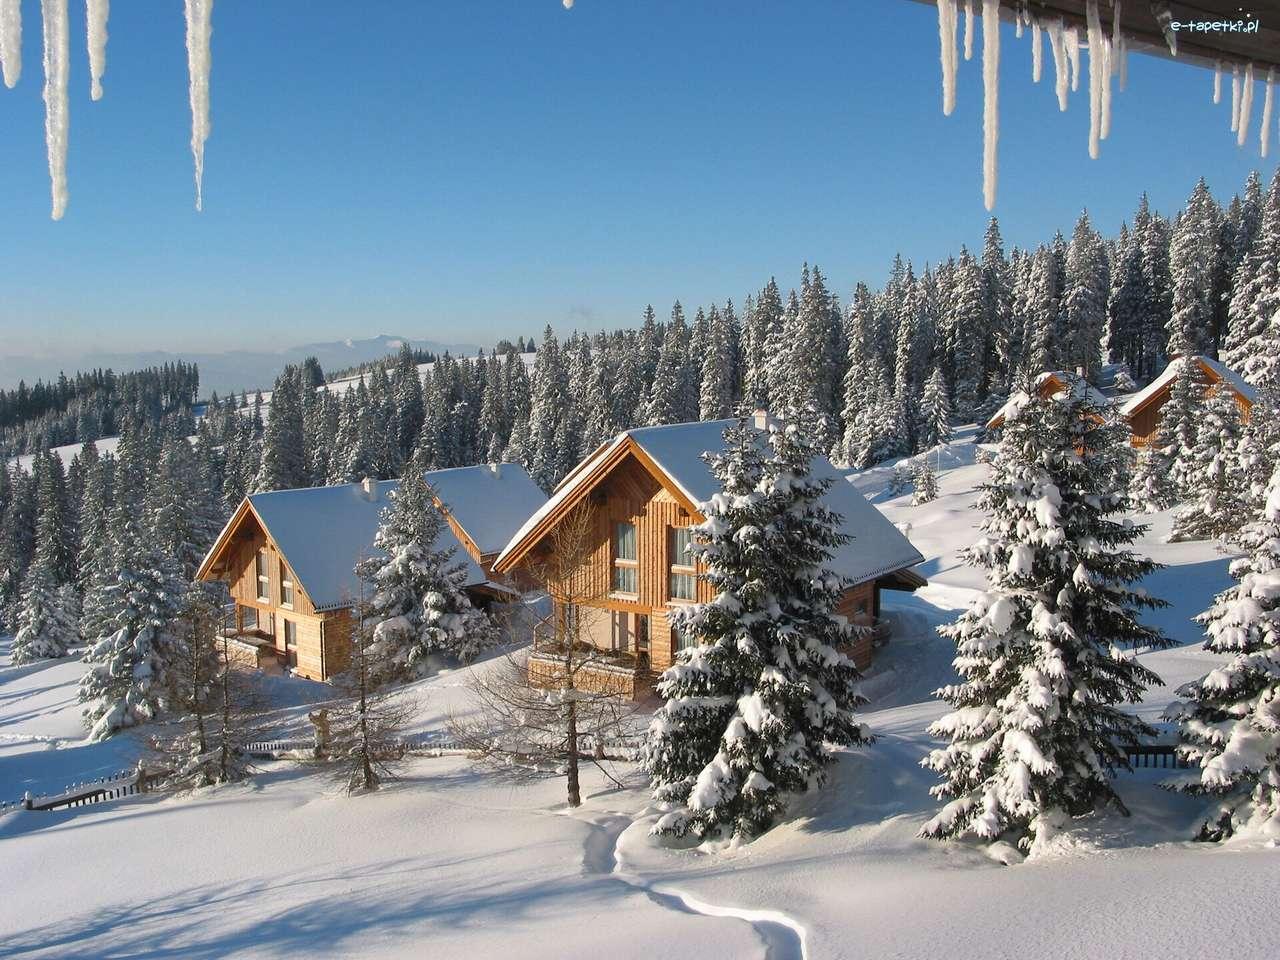 дървени къщи в планината - м (13×10)